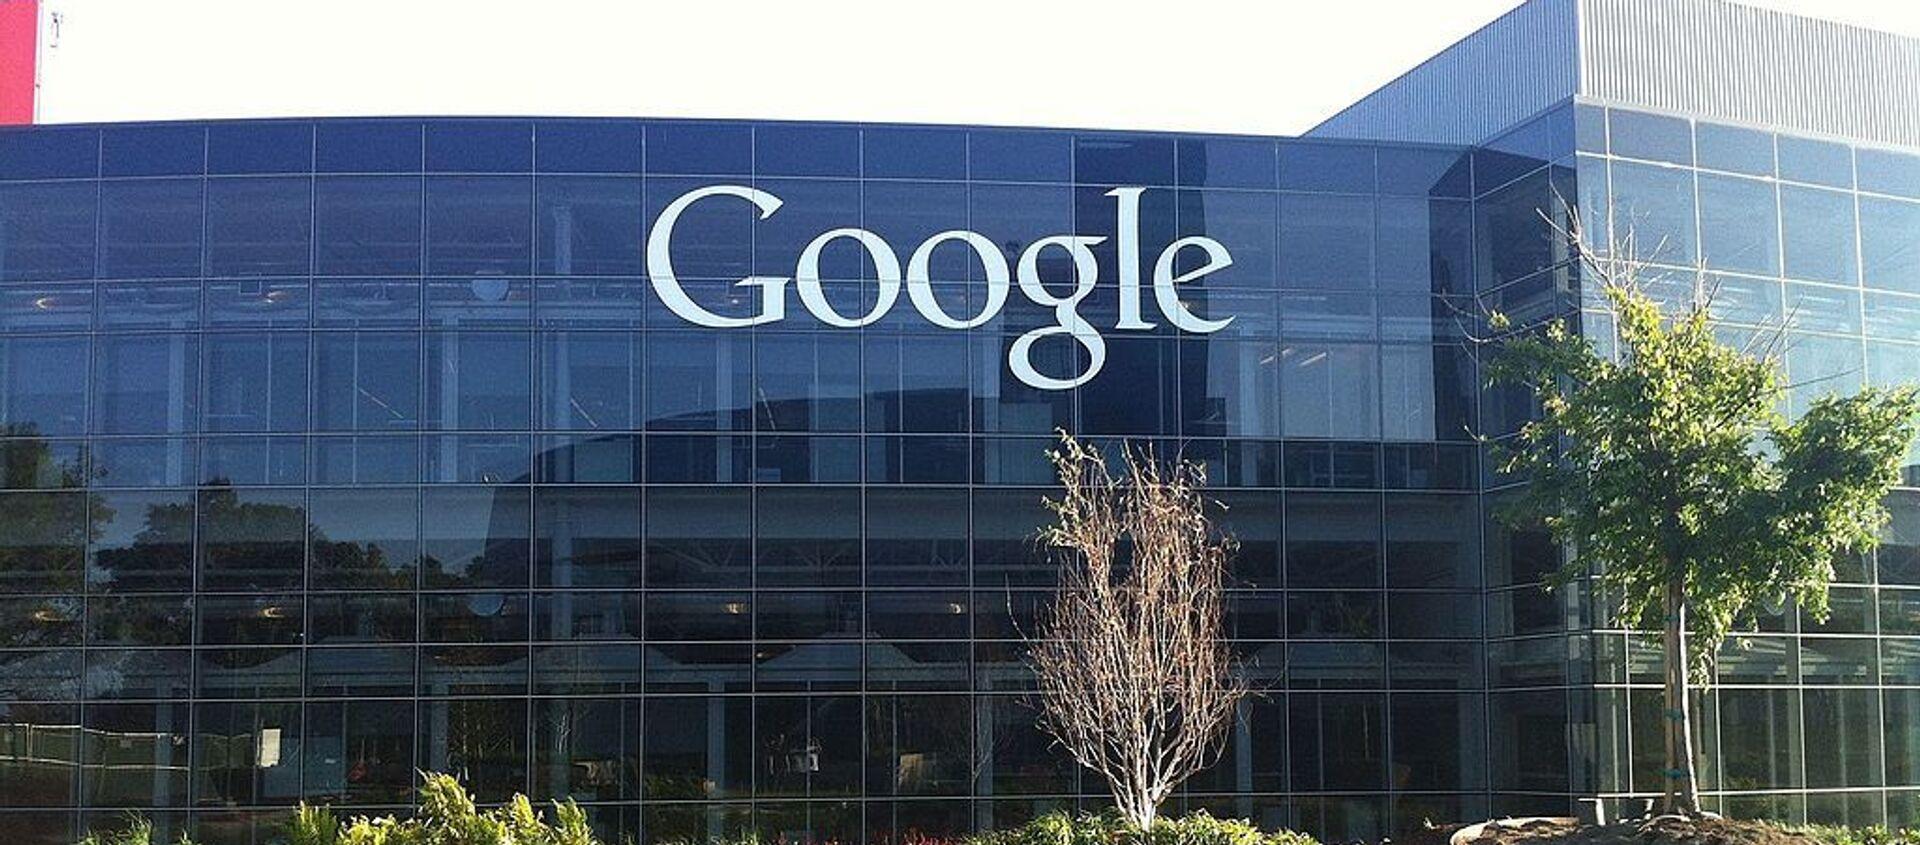 Las oficinas principales de Google en Mountain View (California) - Sputnik Mundo, 1920, 17.12.2020